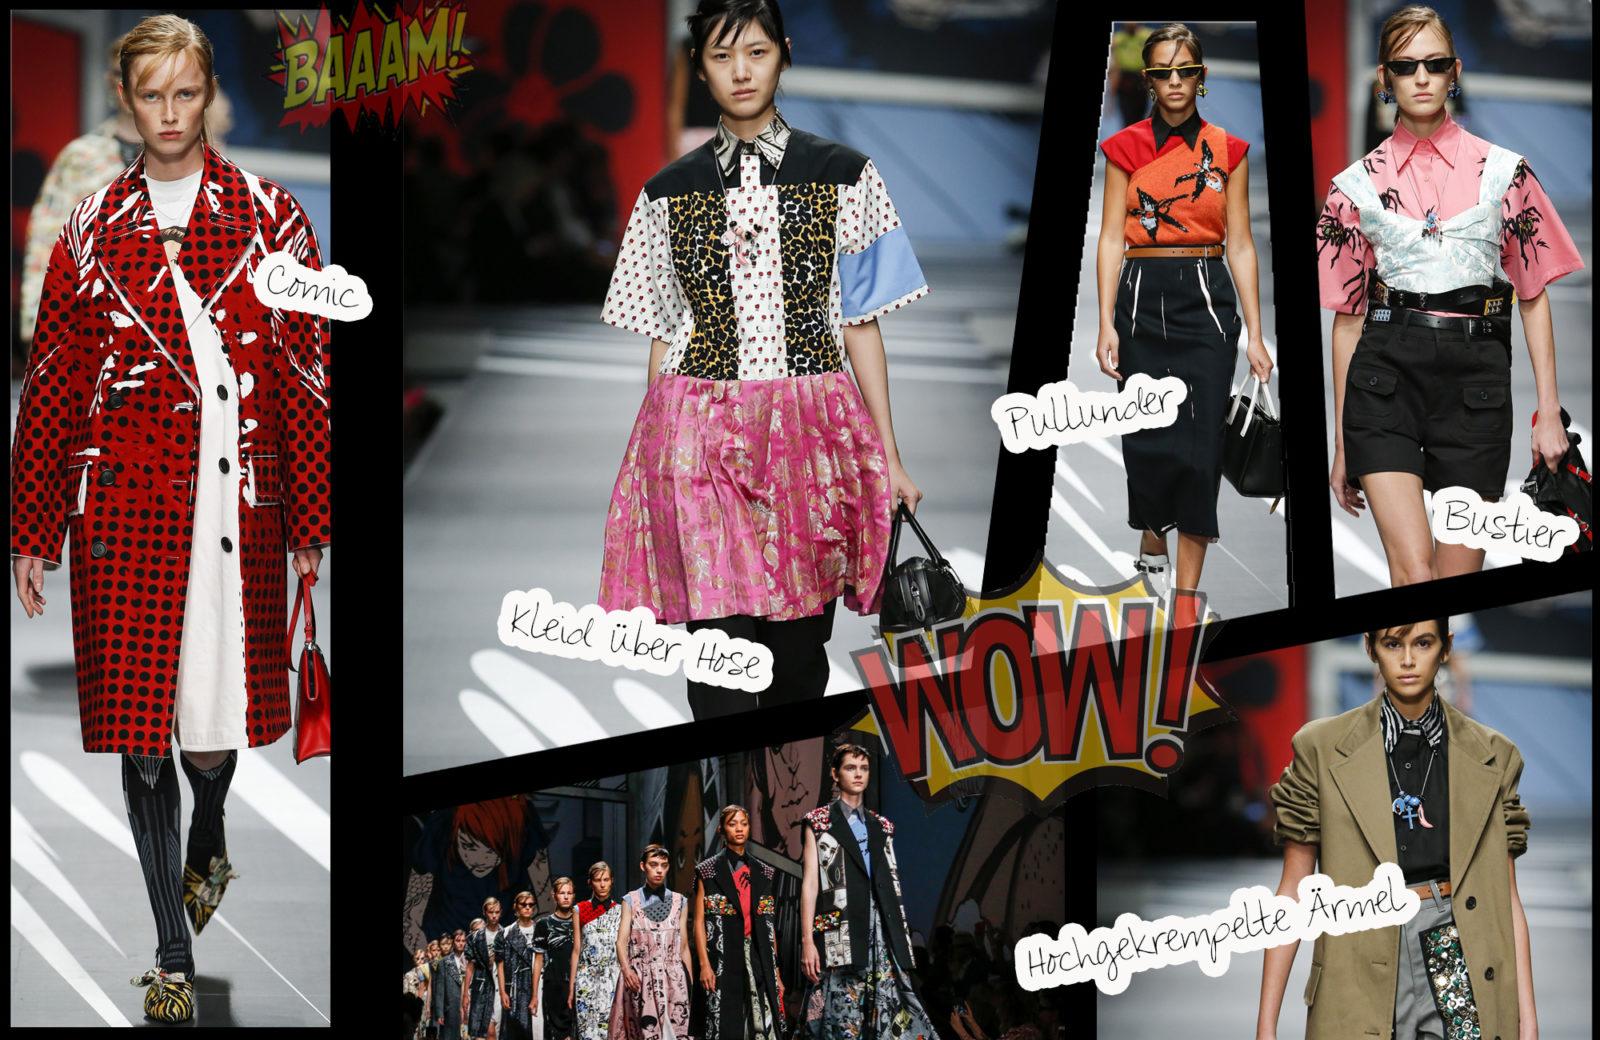 c5d065aab1f7 Miuccia Prada ist die Meisterin der Mode. Einerseits fährt die  Unternehmerin und Designerin